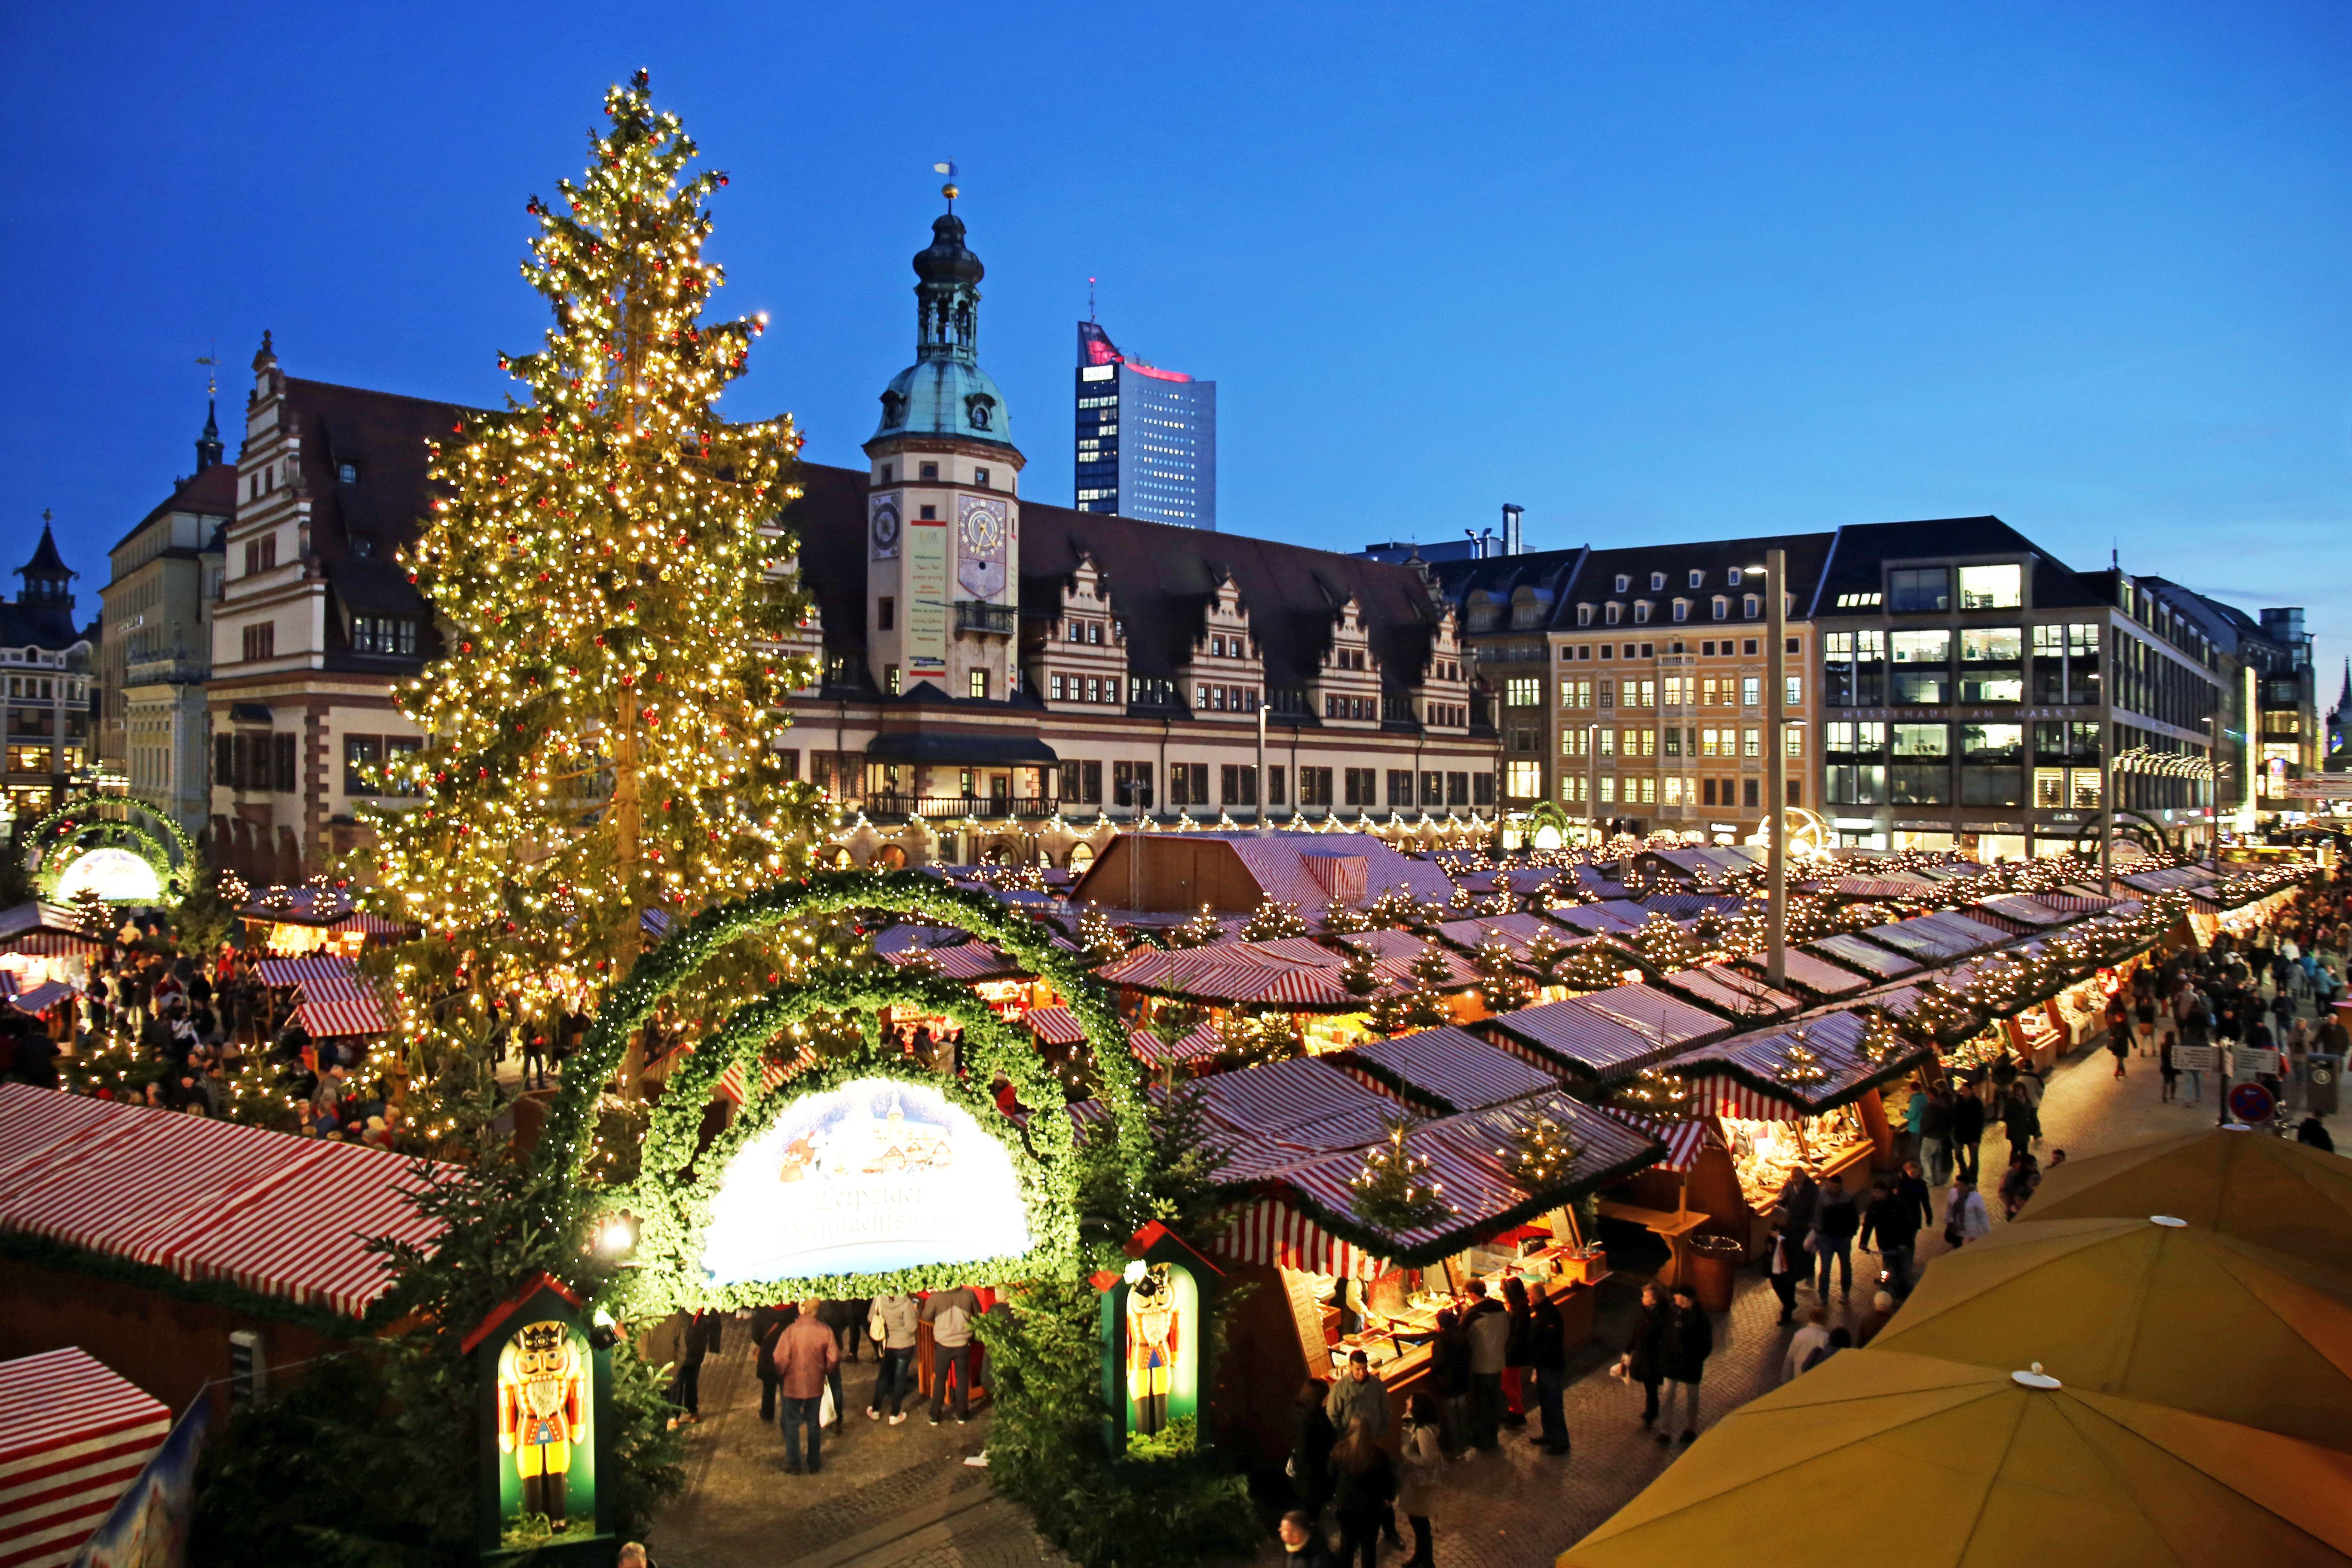 Stände Weihnachtsmarkt.Leipziger Weihnachtsmarkt 2018 Lockt Mit 300 Ständen Und Vielen